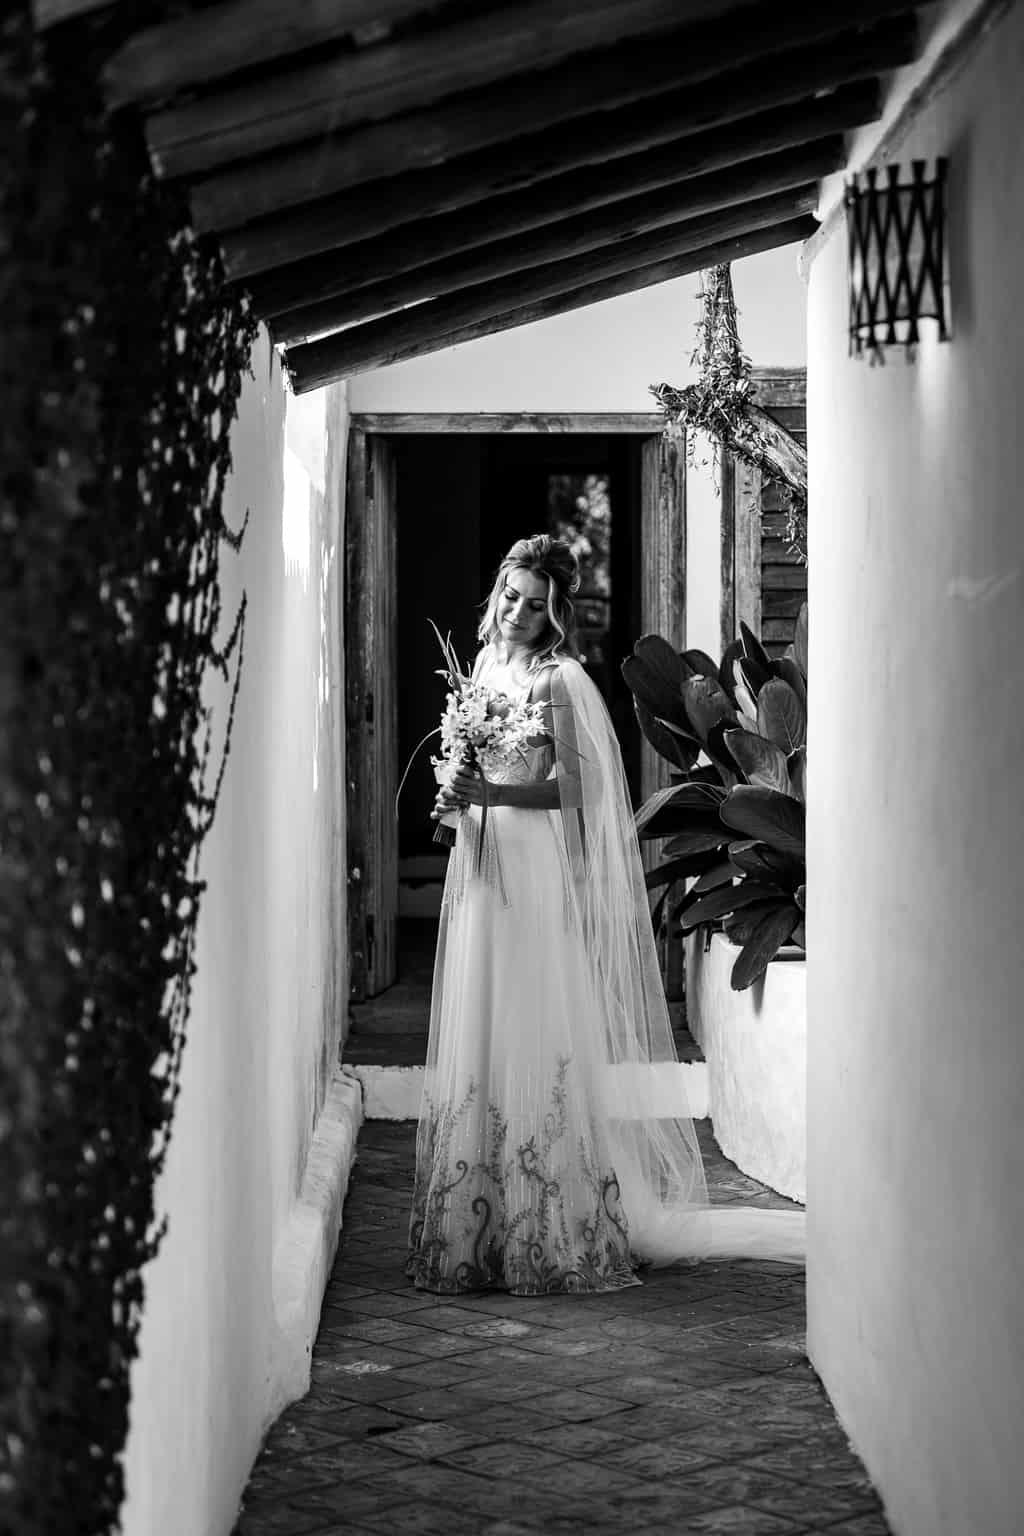 Casamento-Victoria-e-Christian-Fotografia-Tiago-Saldanha157_MG_0553